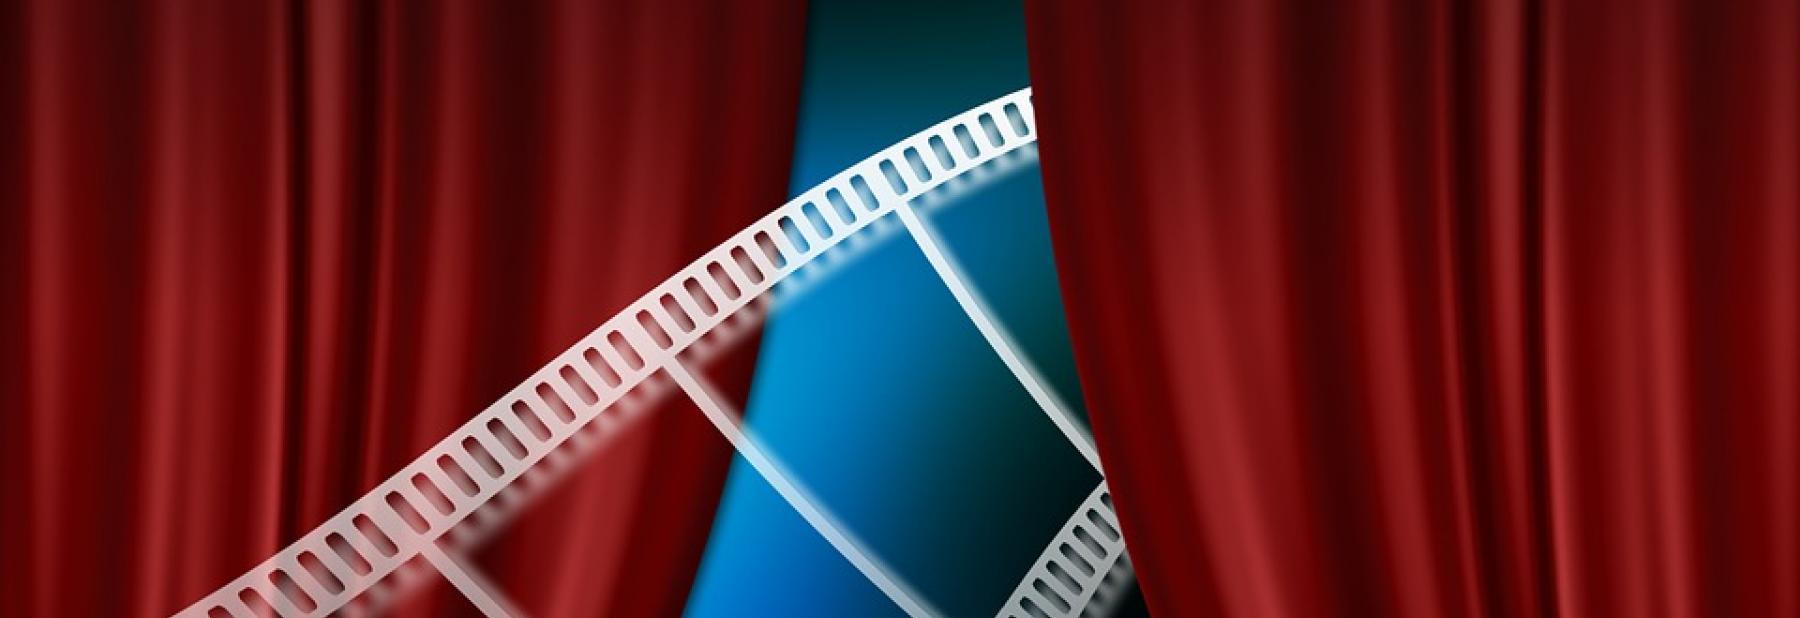 curtain-812227_960_720